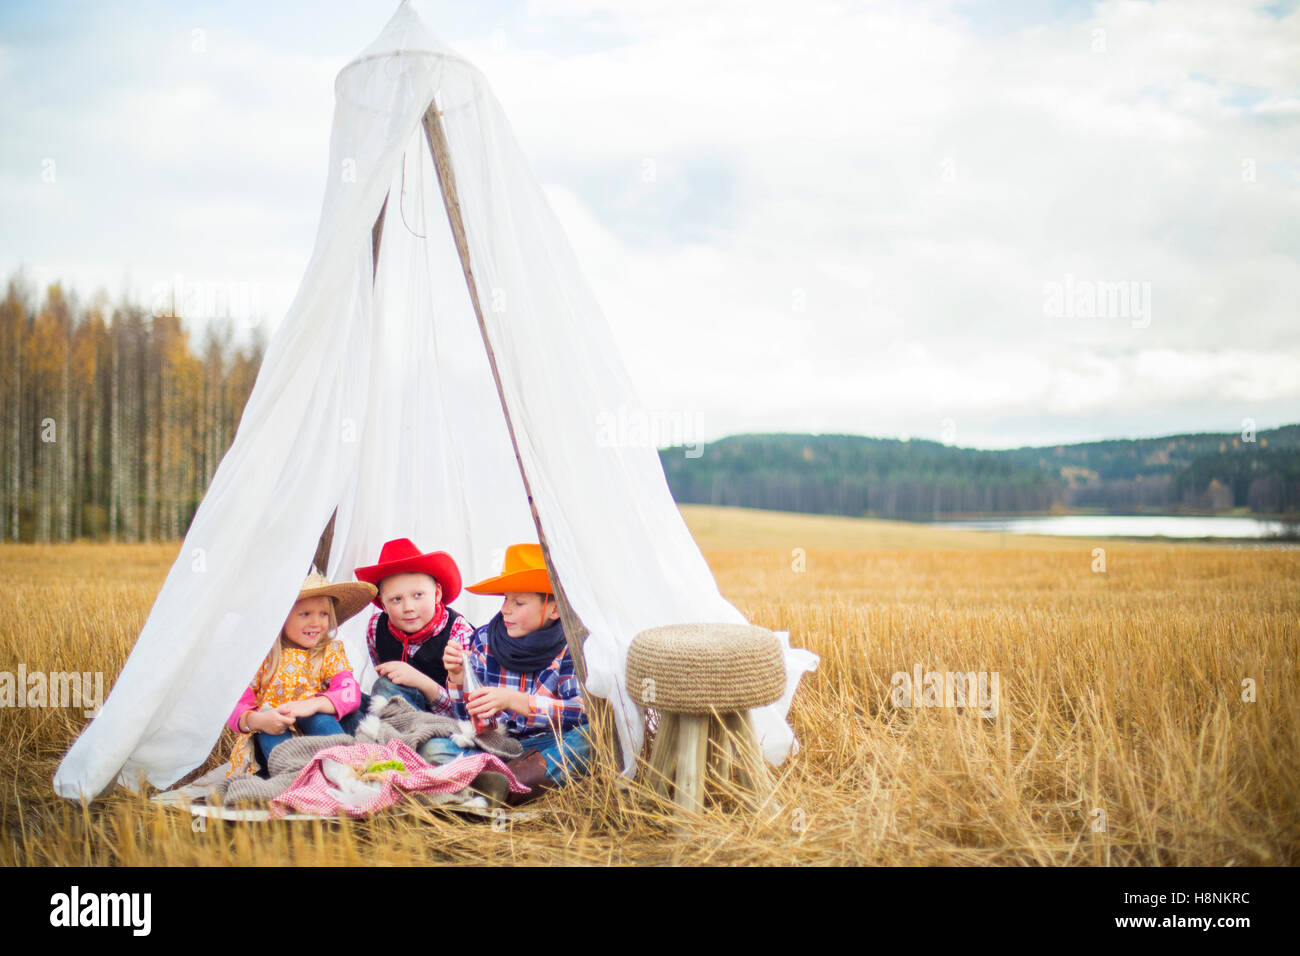 Bambini (8-9) indossare cappelli da cowboy seduto in tenda Immagini Stock